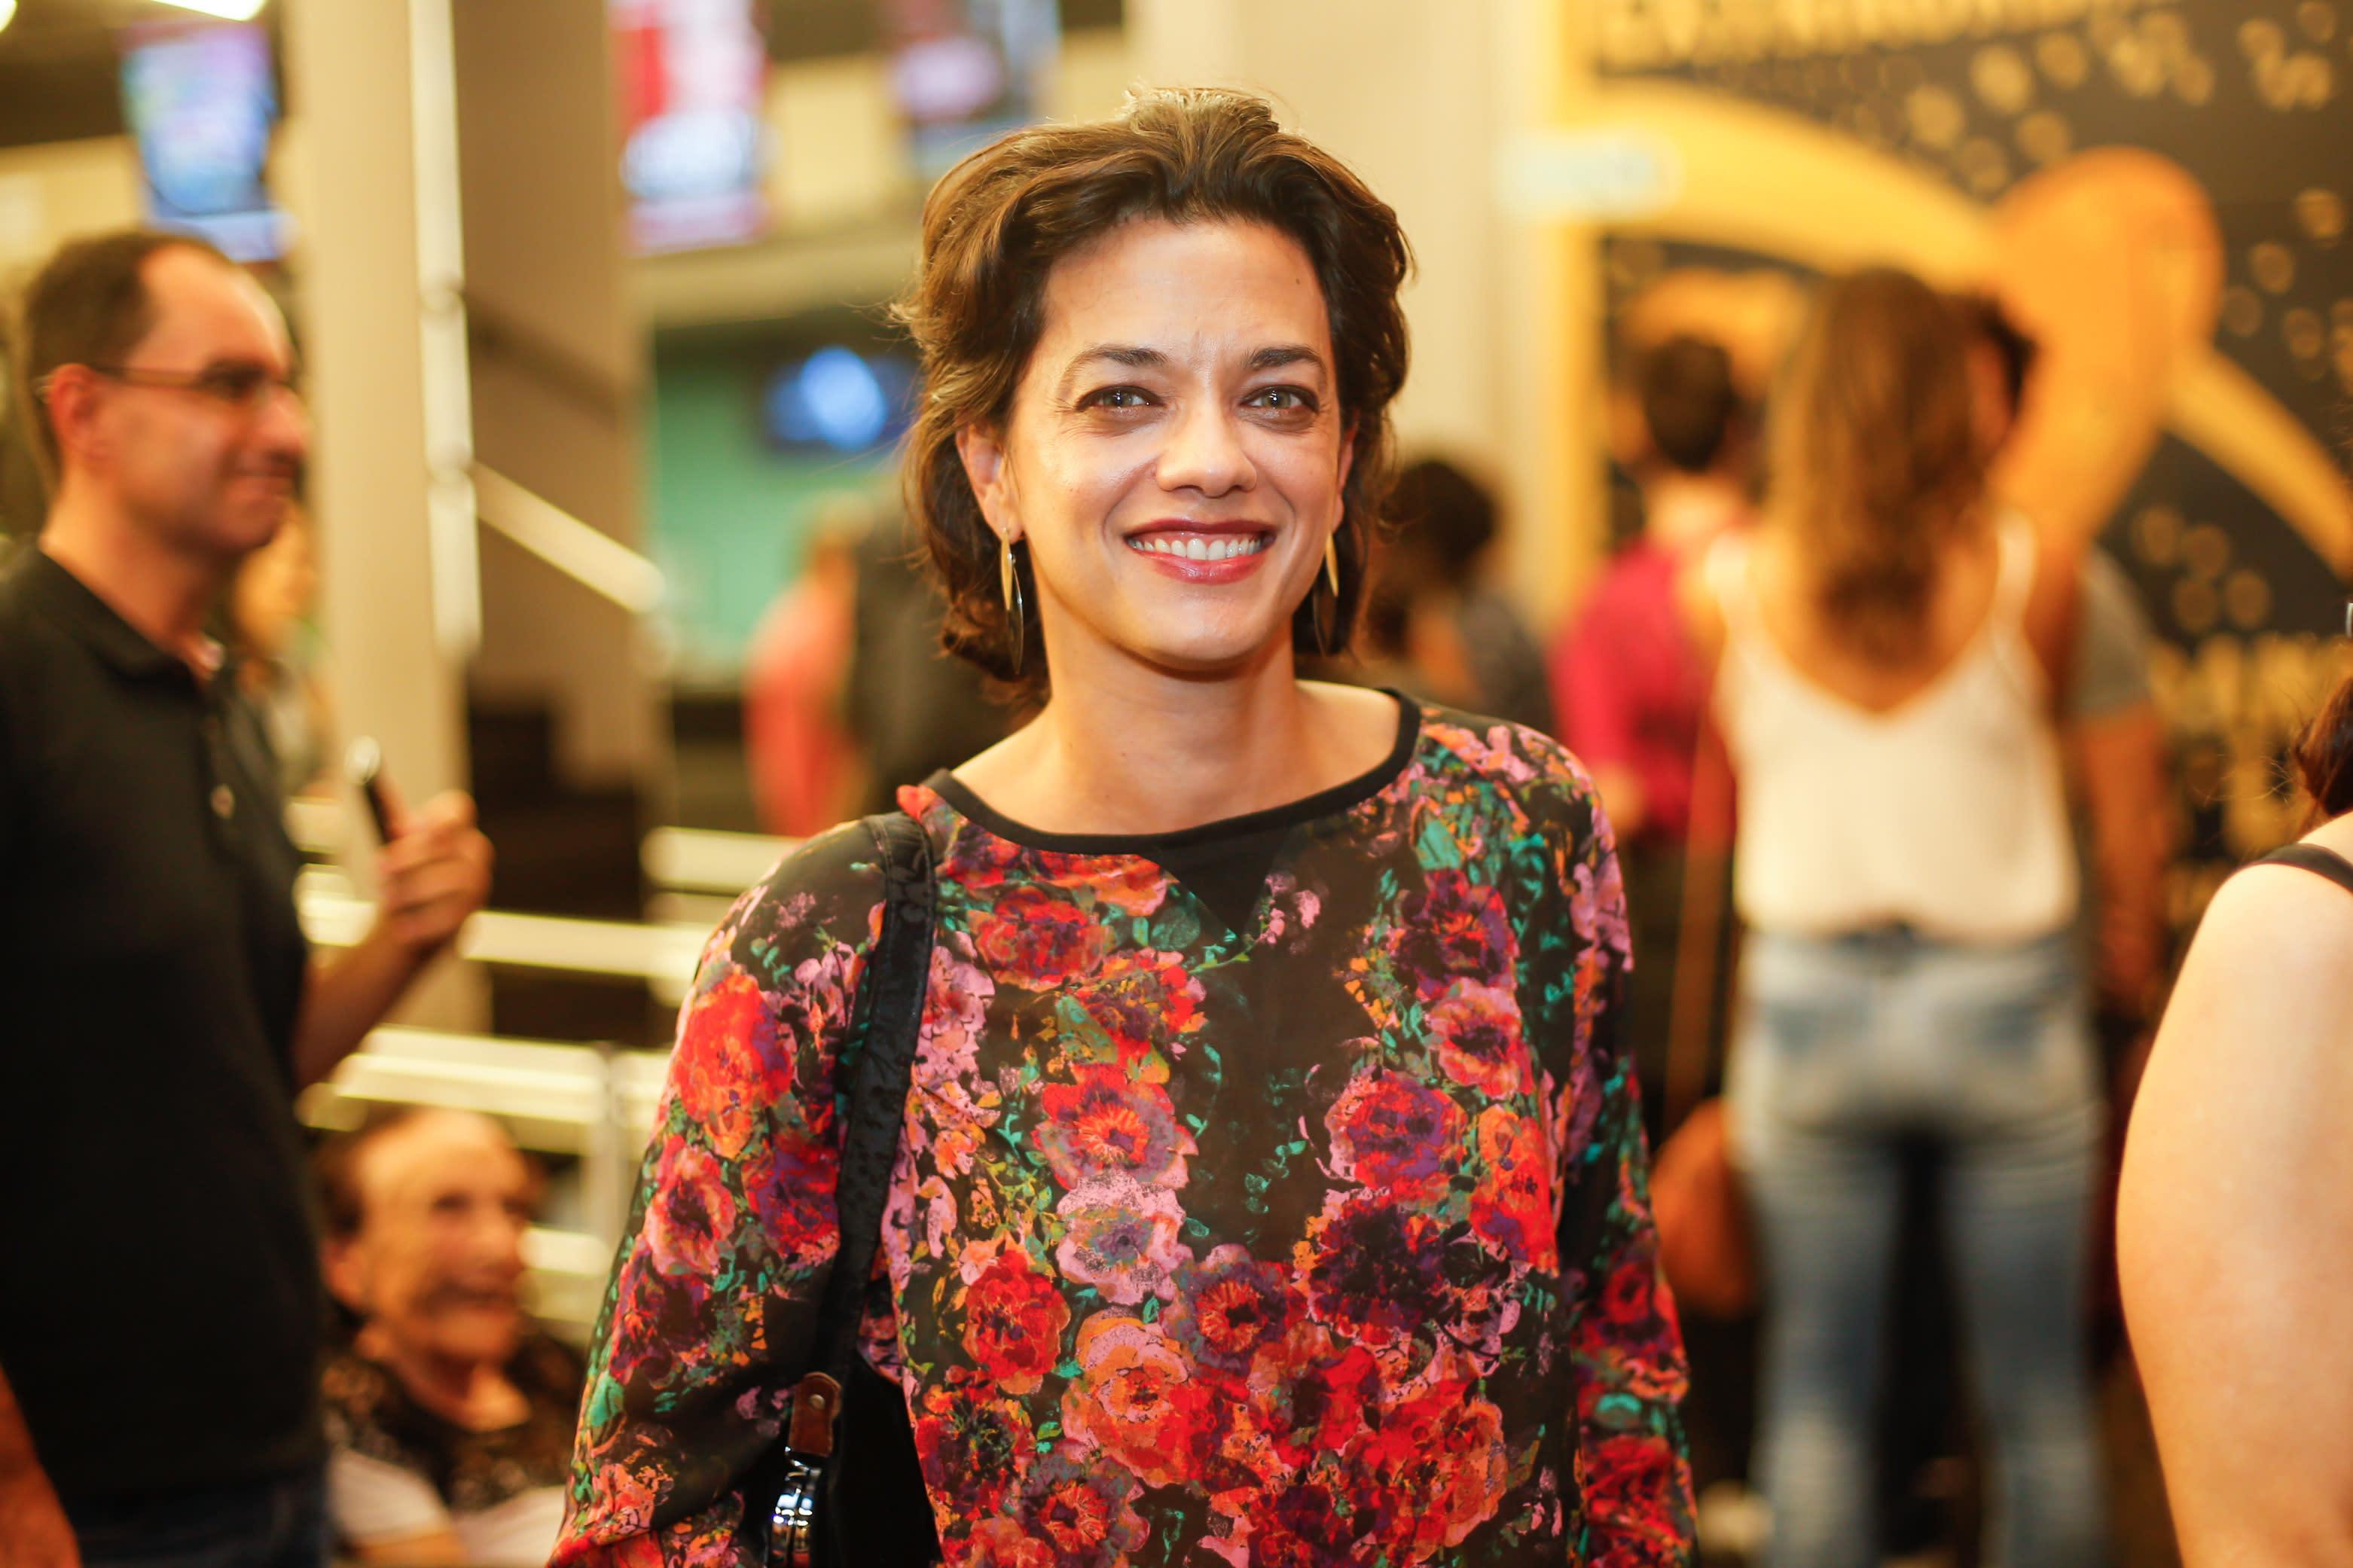 Ana Cecília Costa Atriz com bombas e naufrágio, novela 'Órfãos da terra' será uma